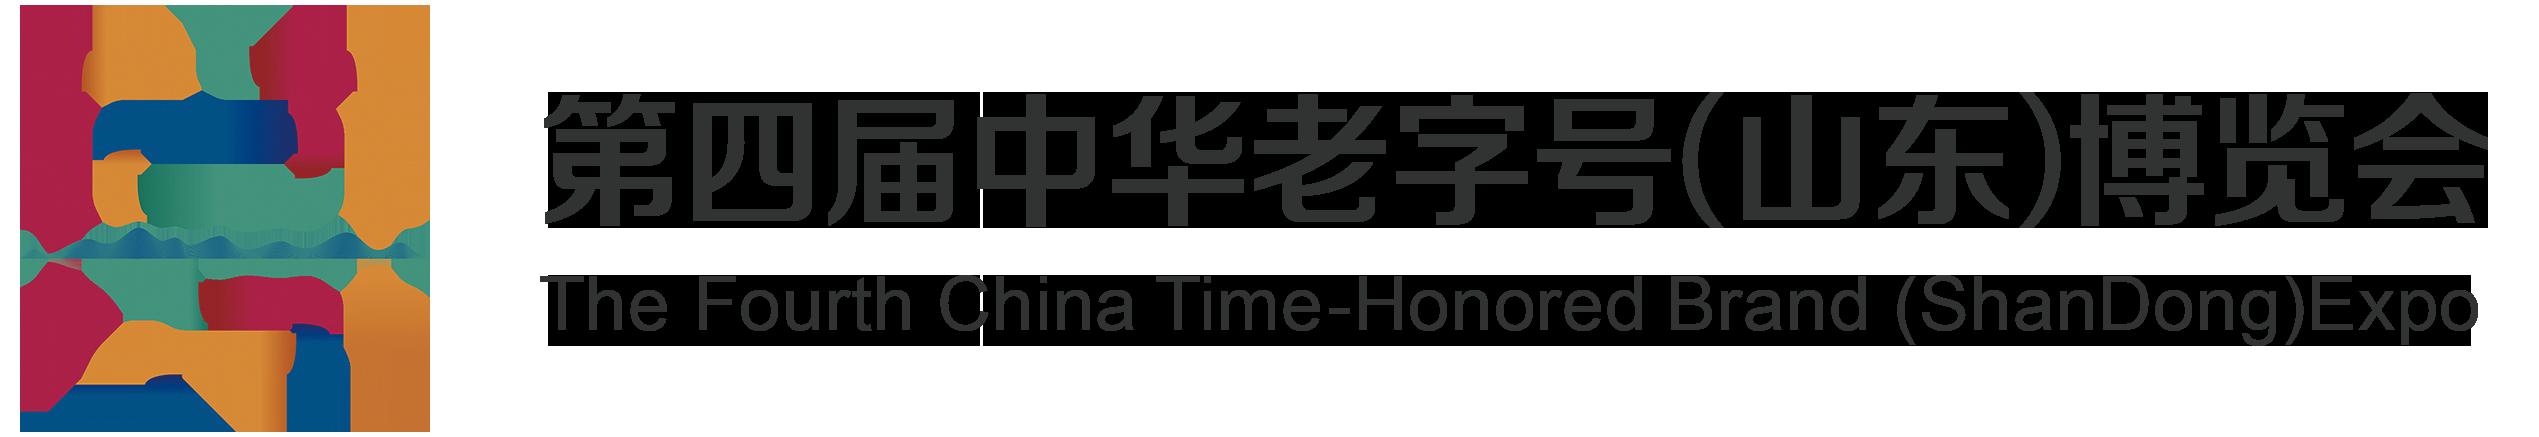 中华老字号博览会官方网站-2020第四届中华老字号(山东)博览会